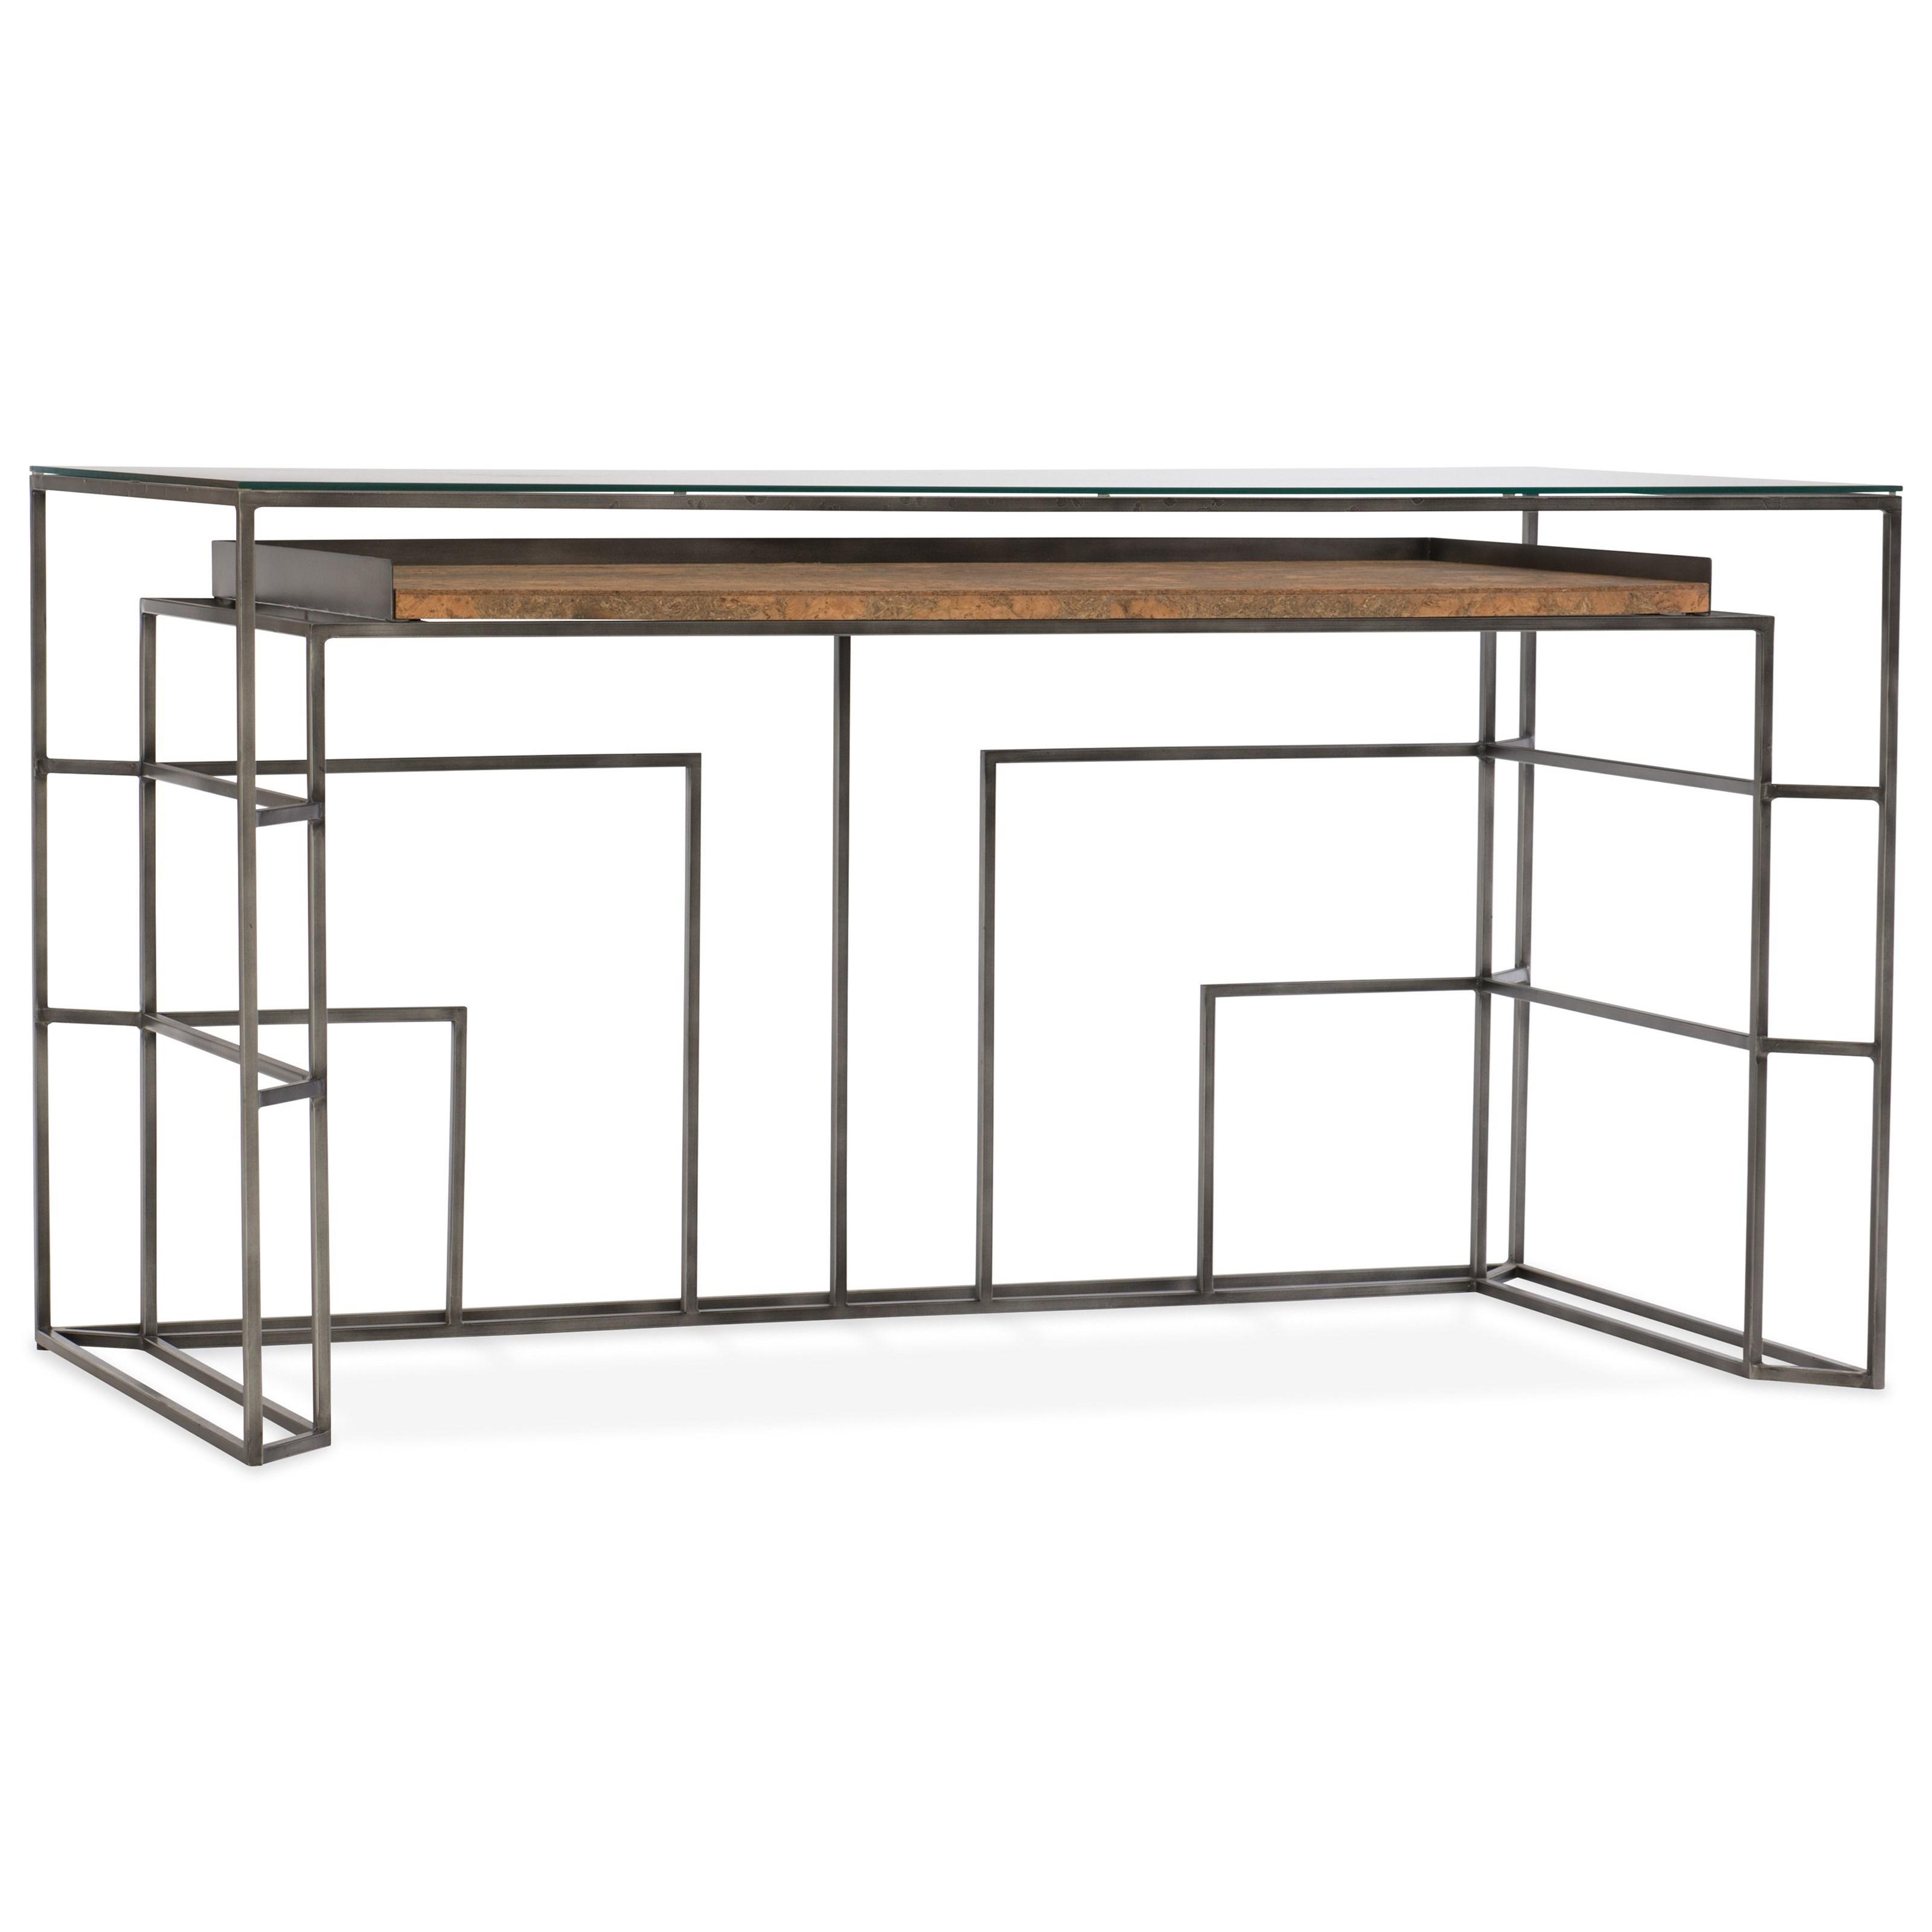 Hooker Furniture Mélange Gavin Writing Desk - Item Number: 638-10015-LTBR